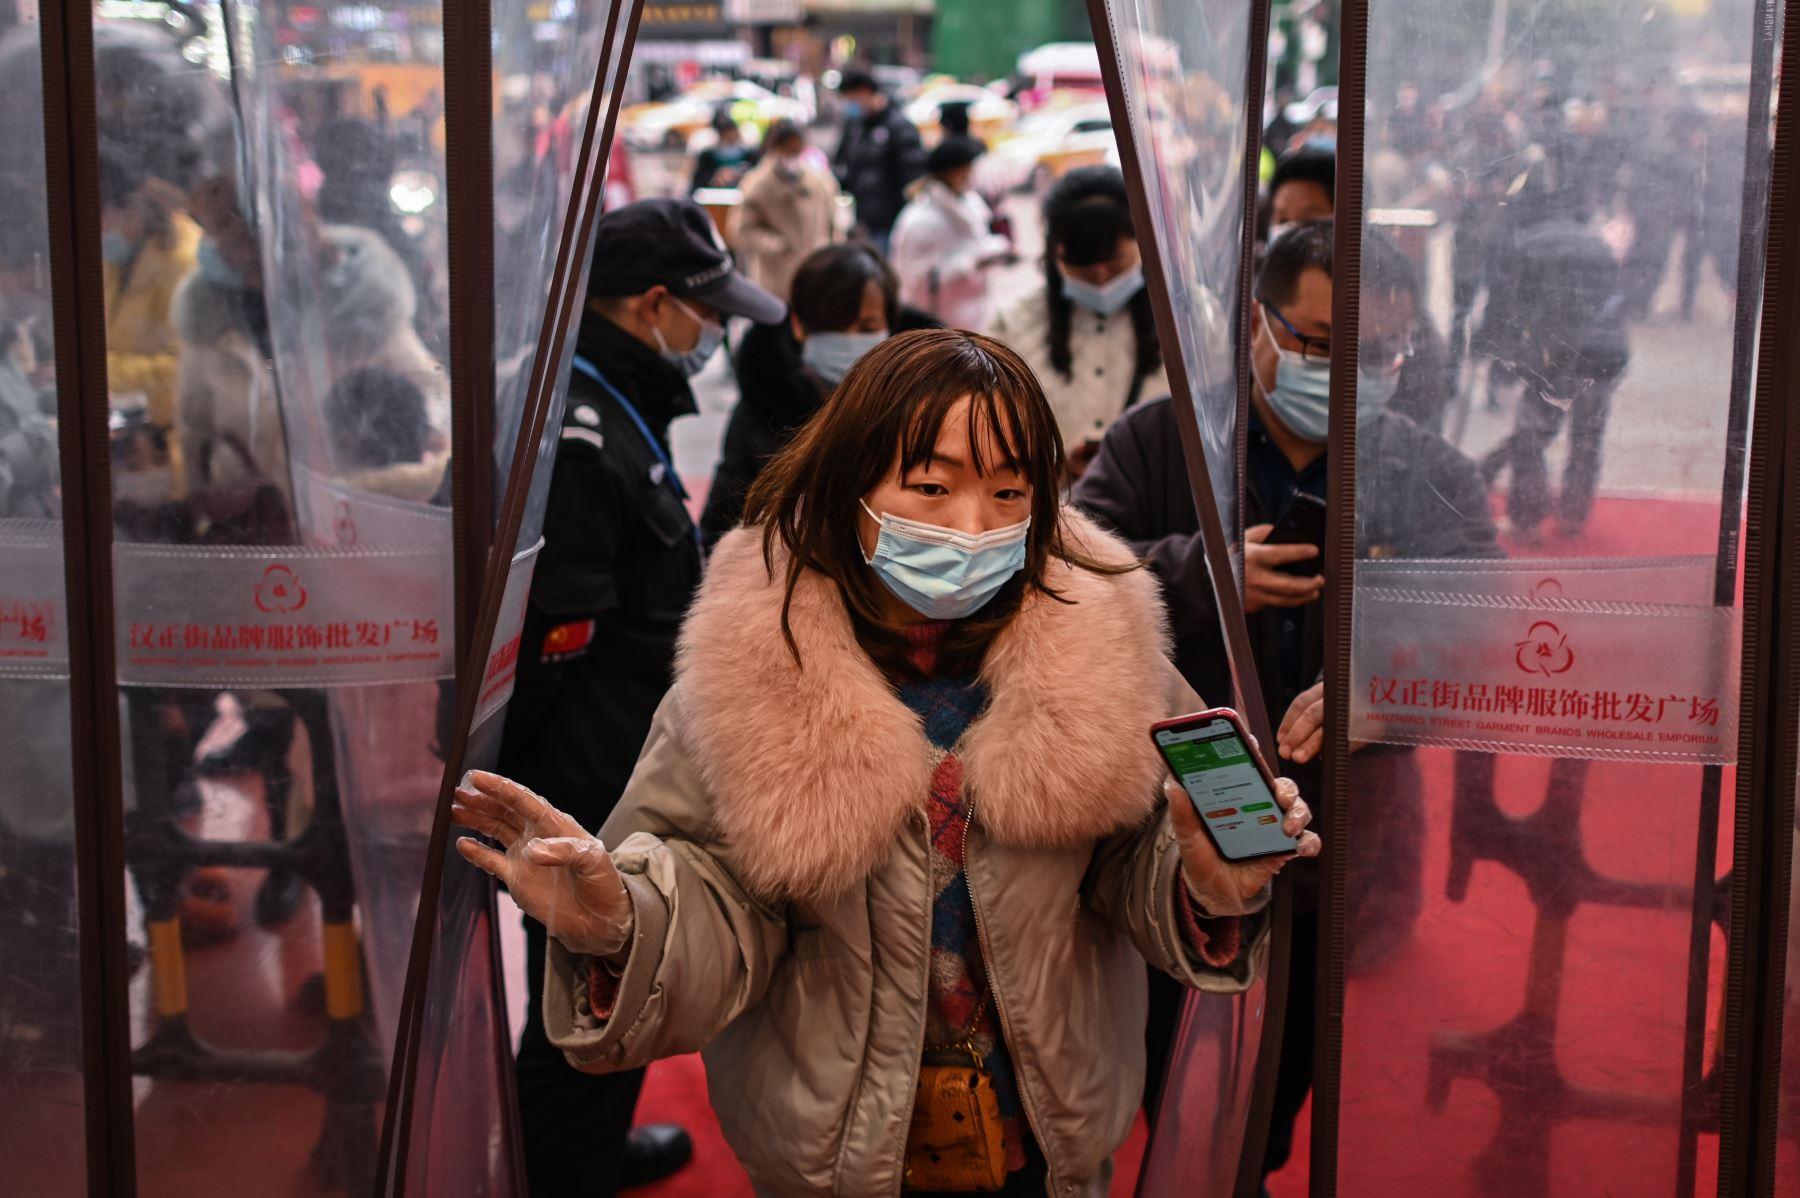 Una mujer que usa una mascarilla como medida preventiva contra el coronavirus Covid-19 ingresa a un centro comercial luego de mostrar su código de salud en Wuhan. Foto: AFP